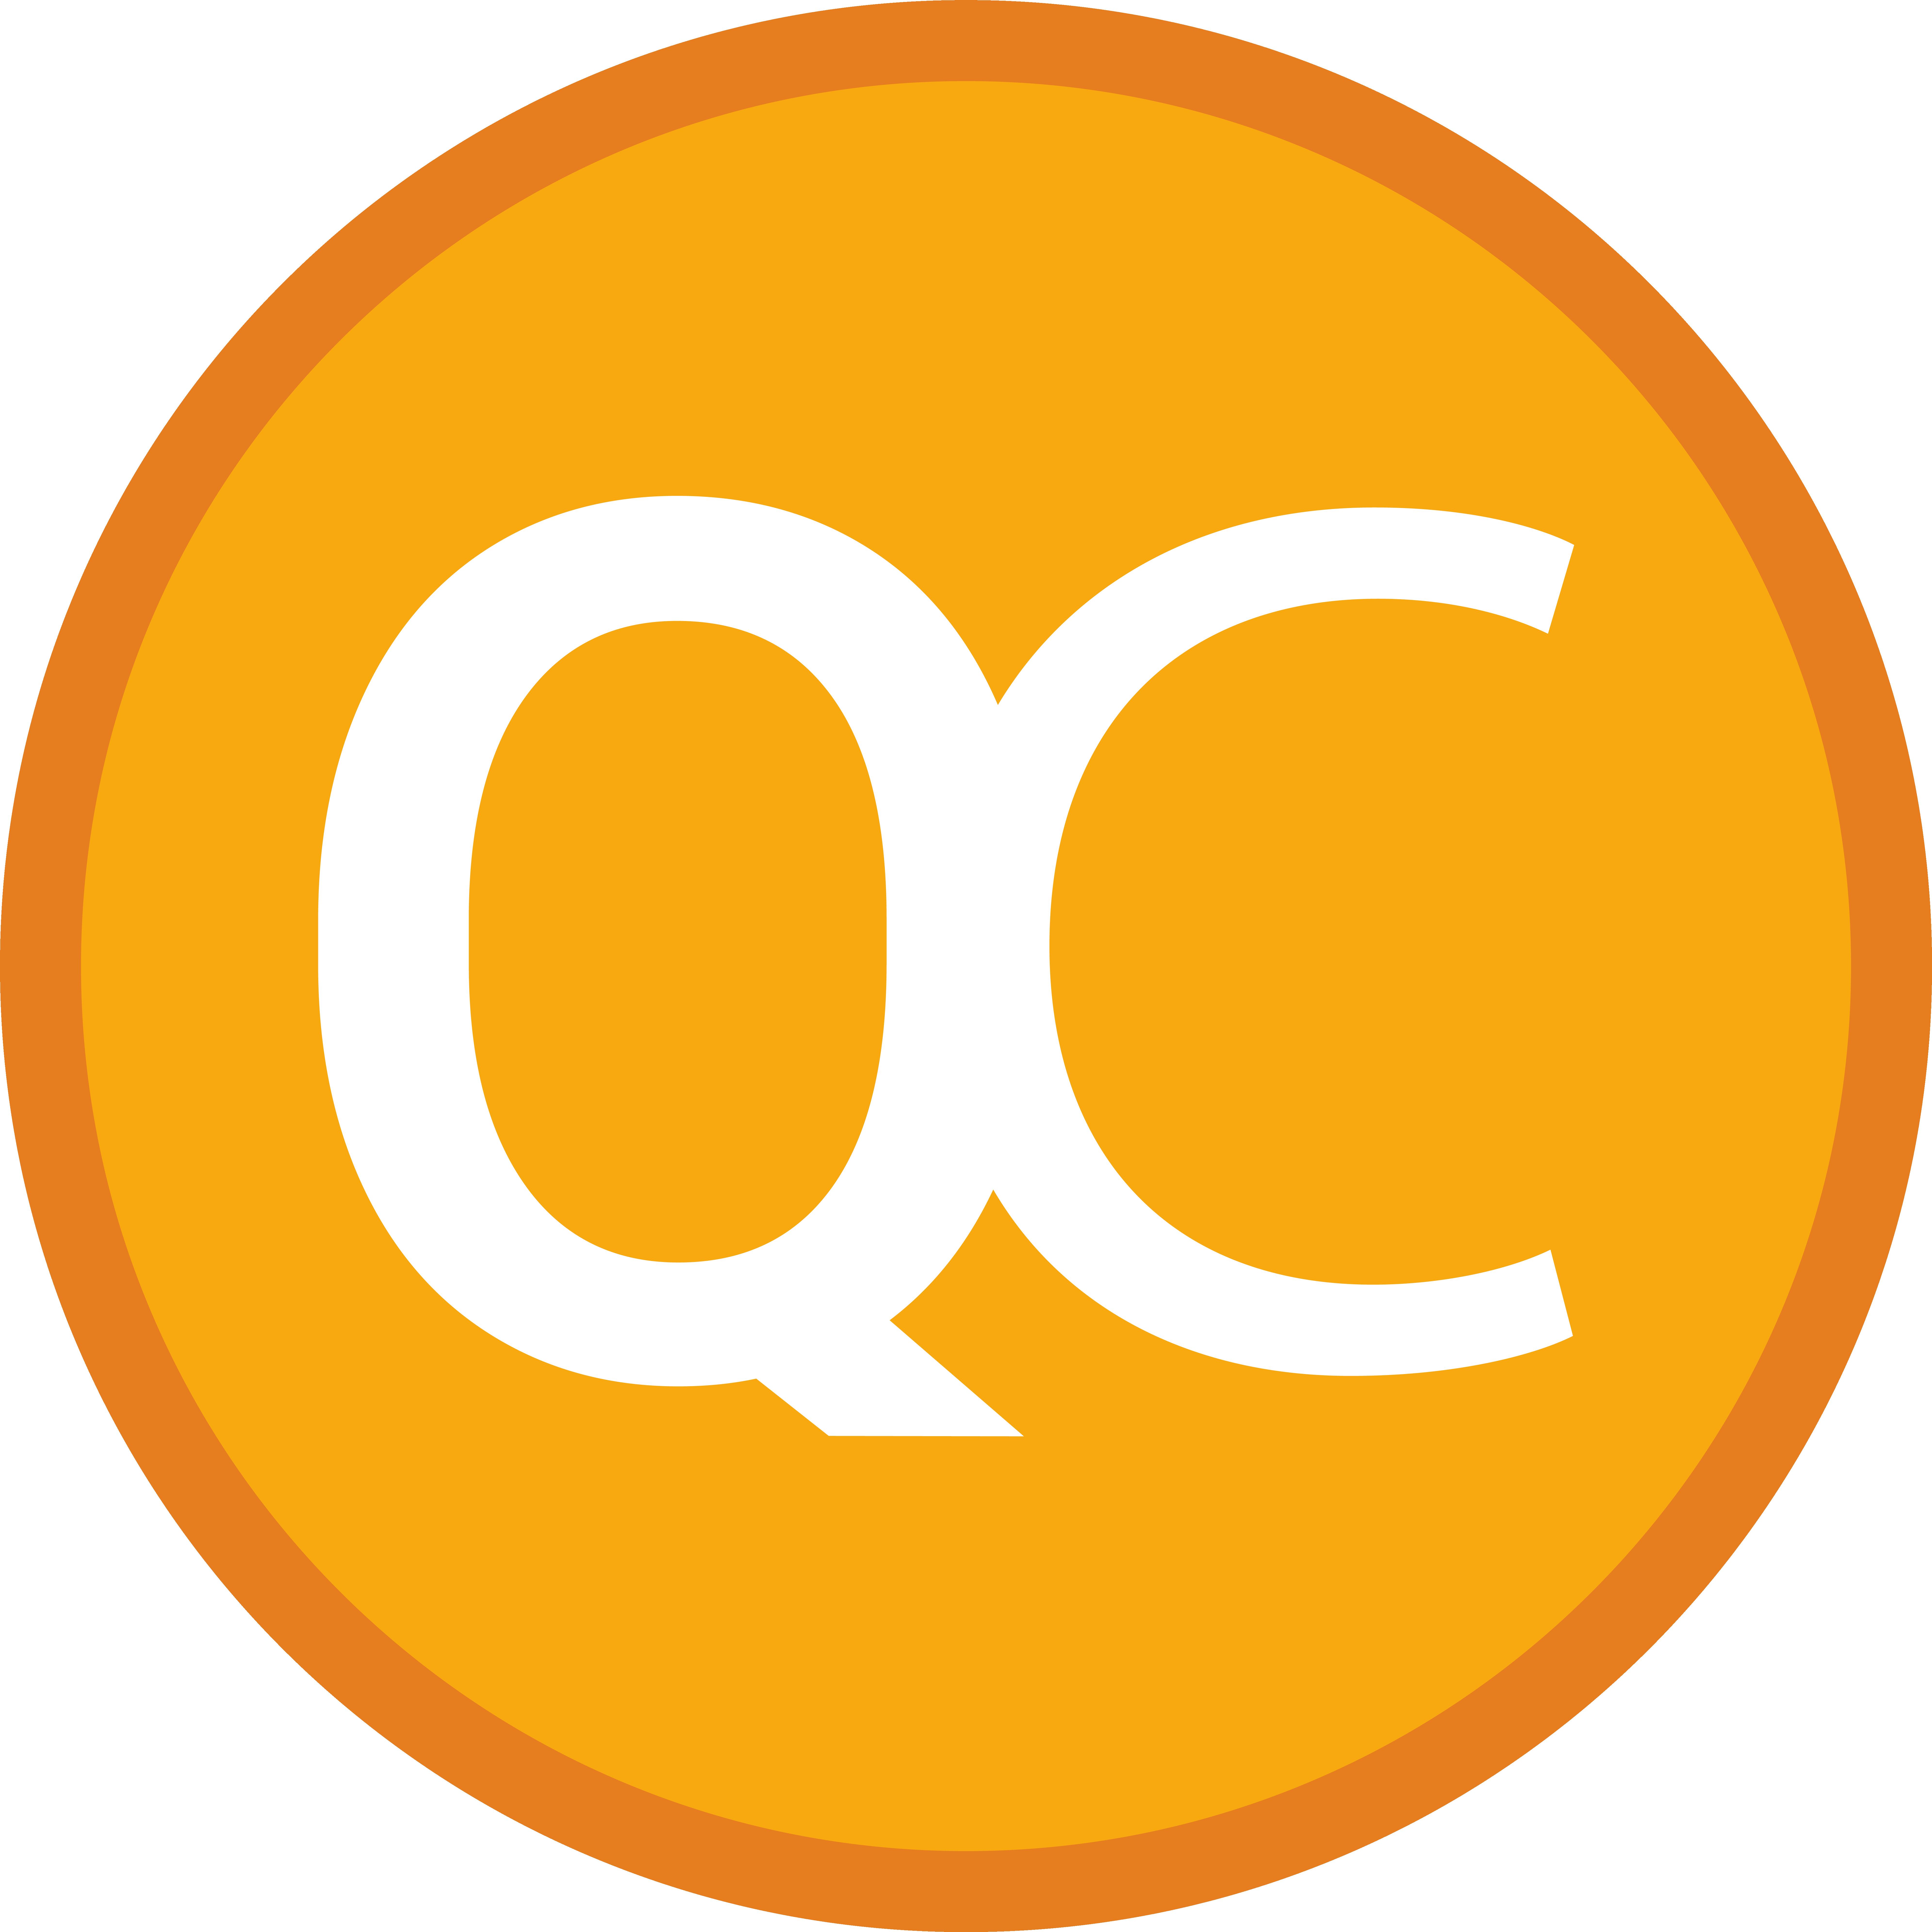 Logotyp för QC-modellen